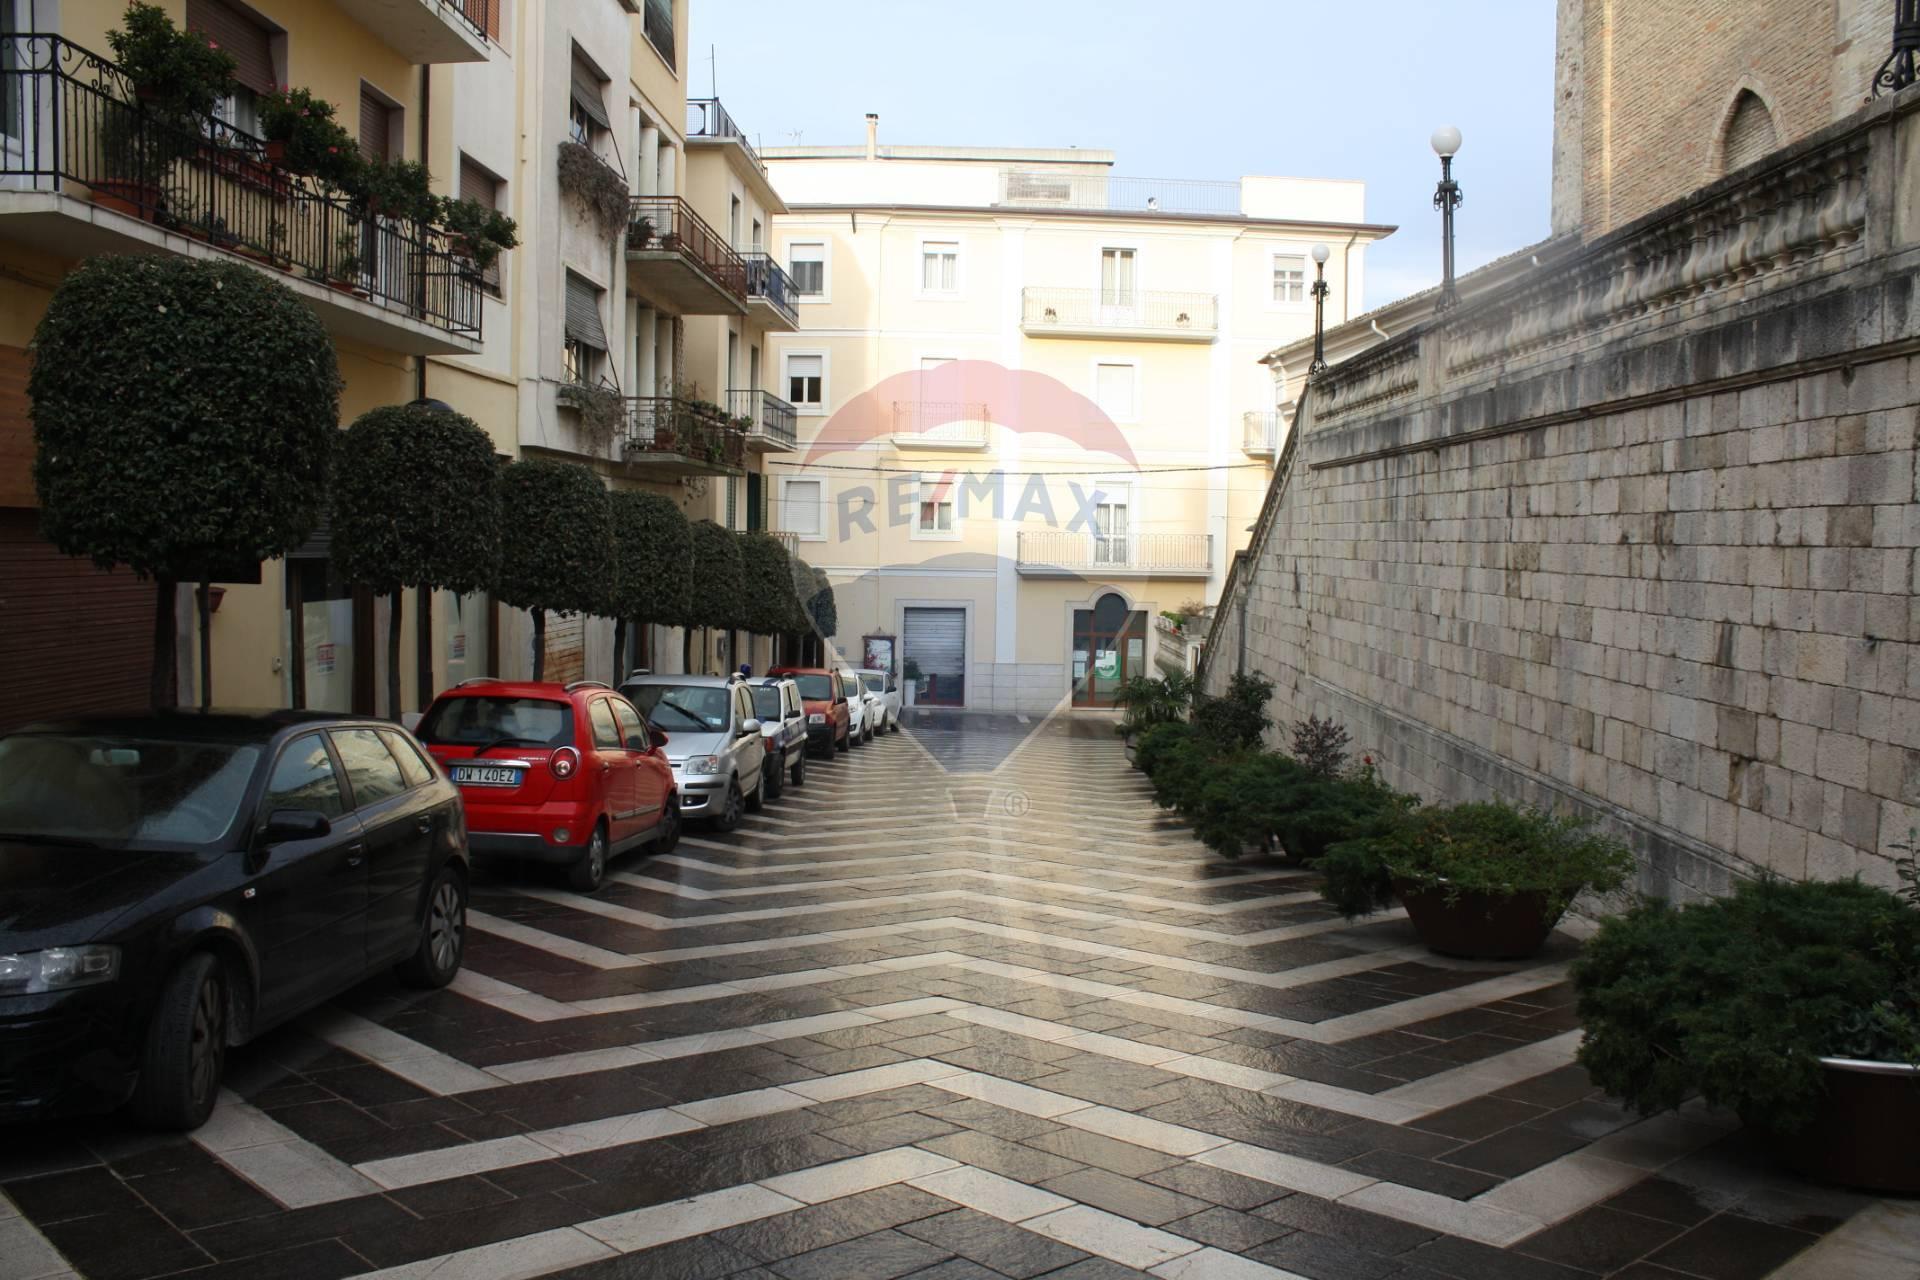 Negozio / Locale in vendita a Atessa, 9999 locali, prezzo € 70.000 | CambioCasa.it